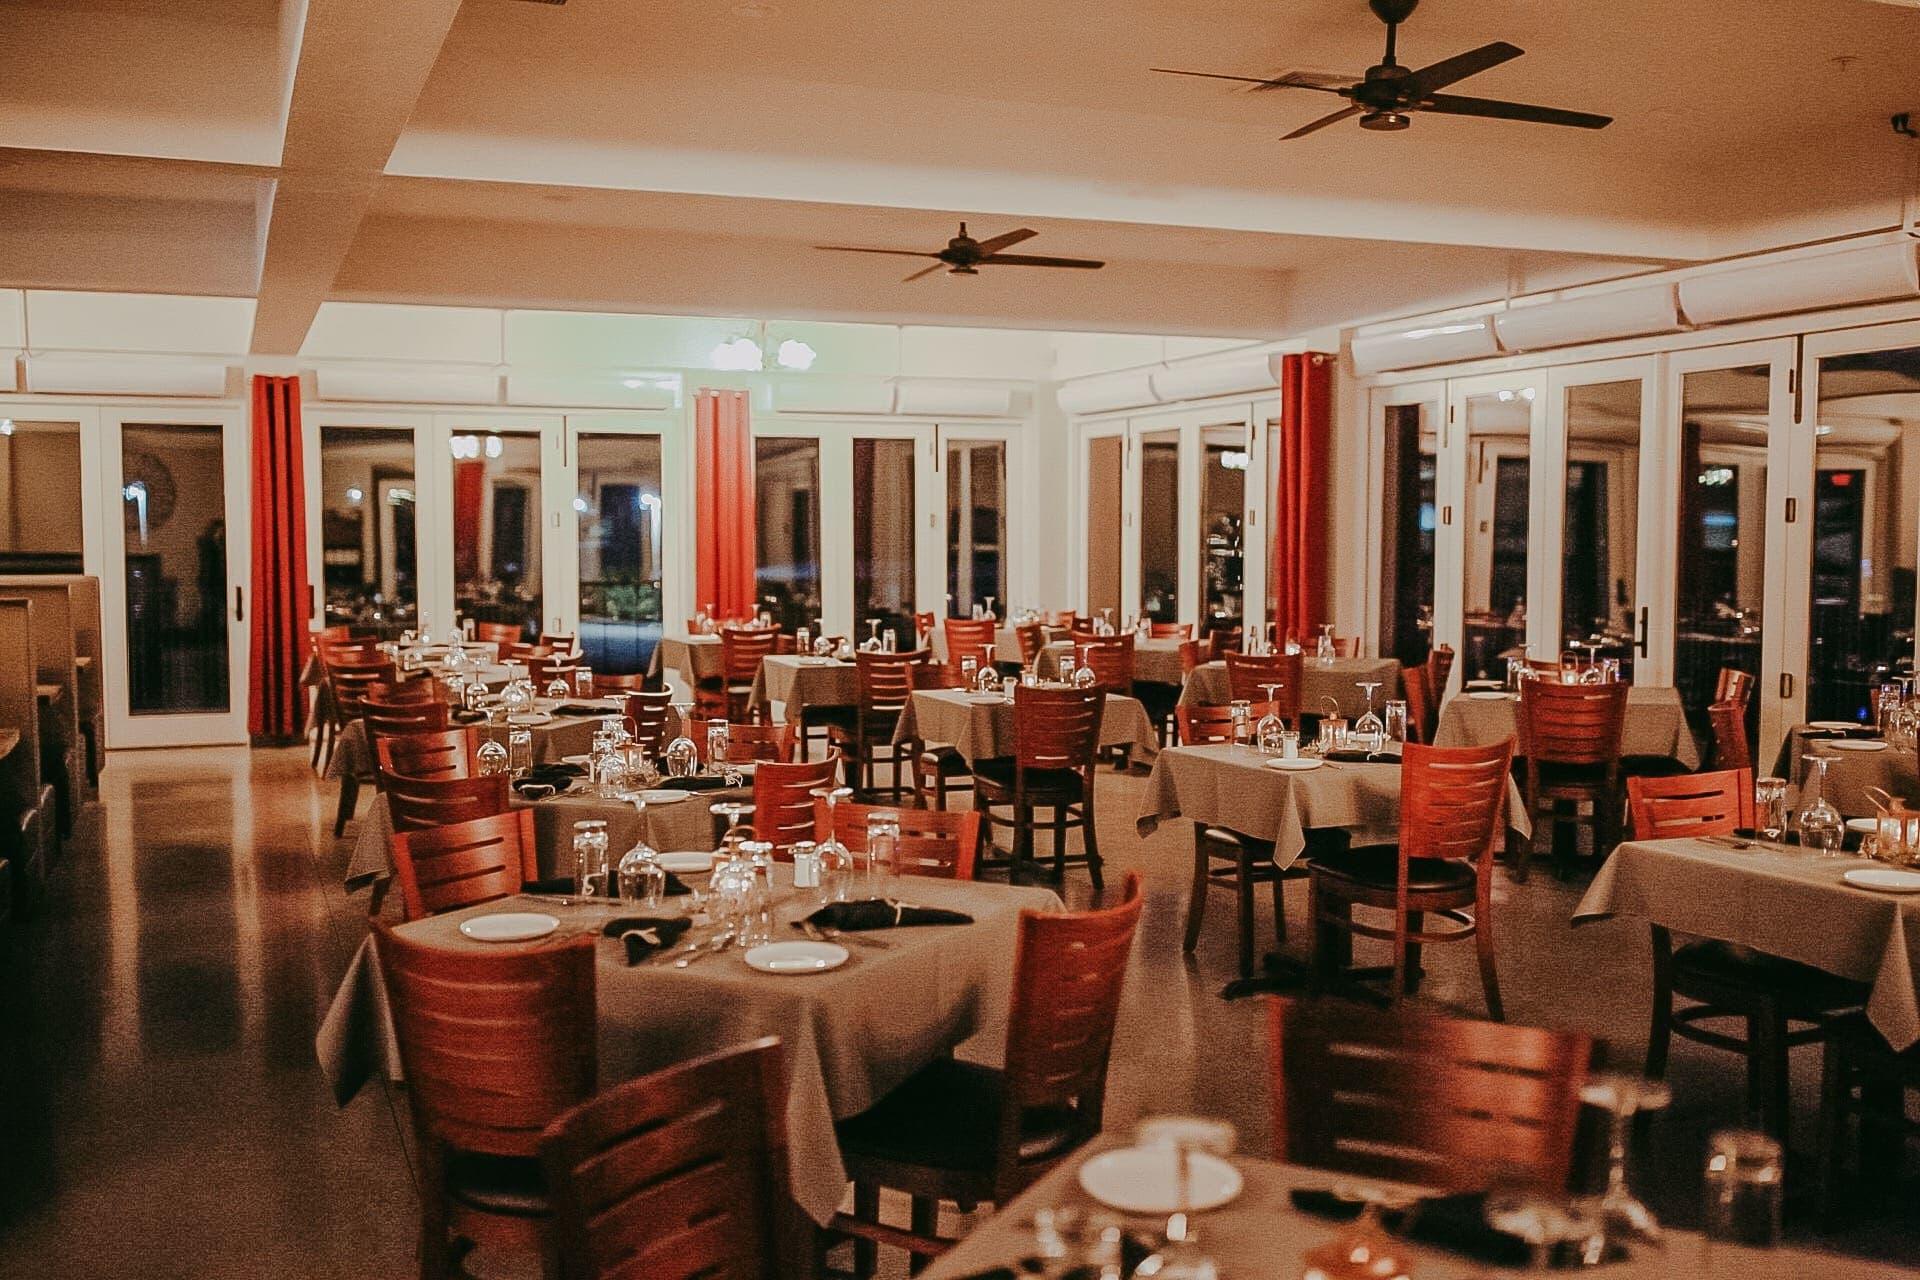 Samuel Slater's Restaurant